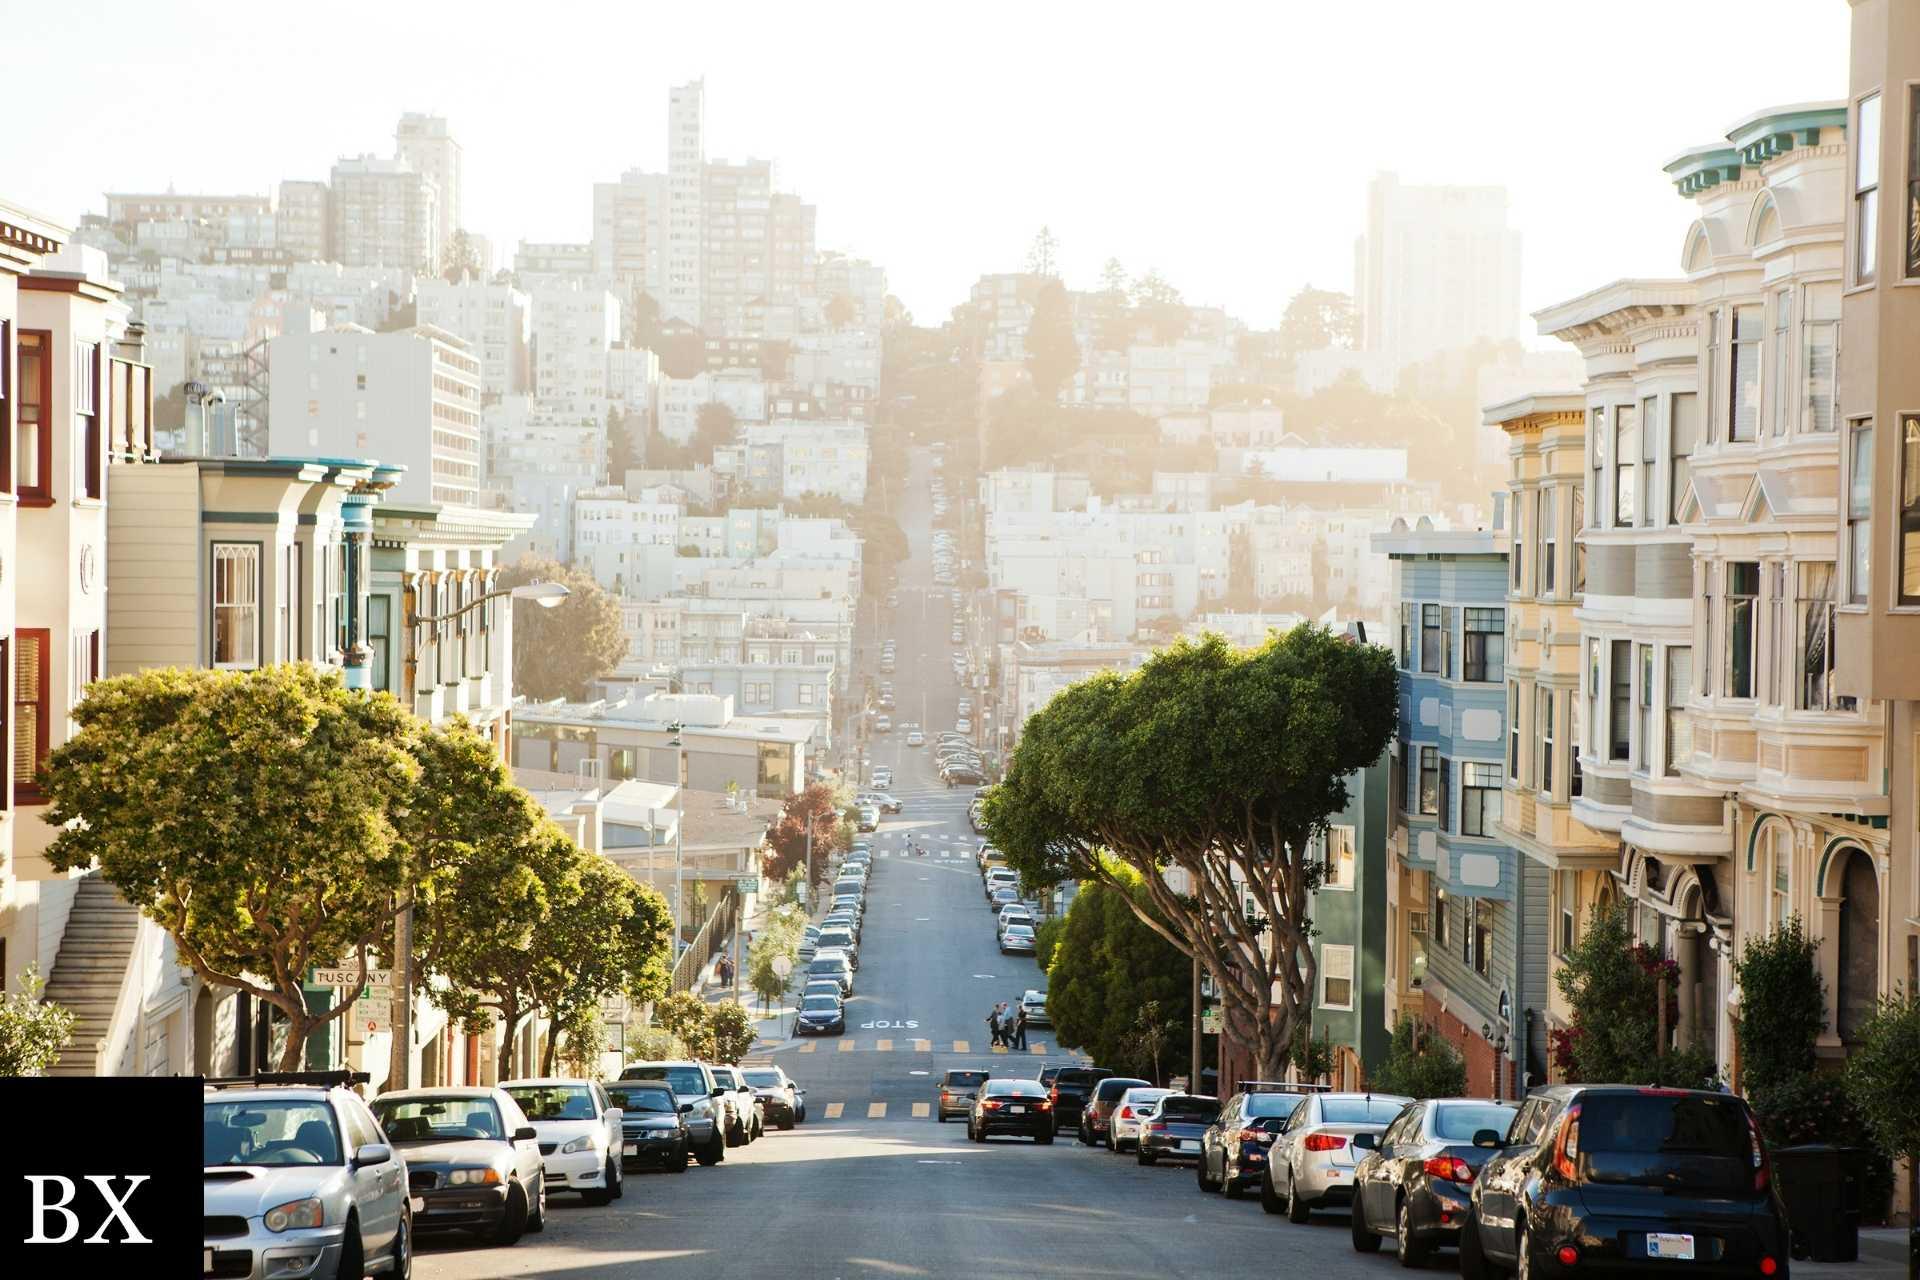 California Residential Finance Lender Bond